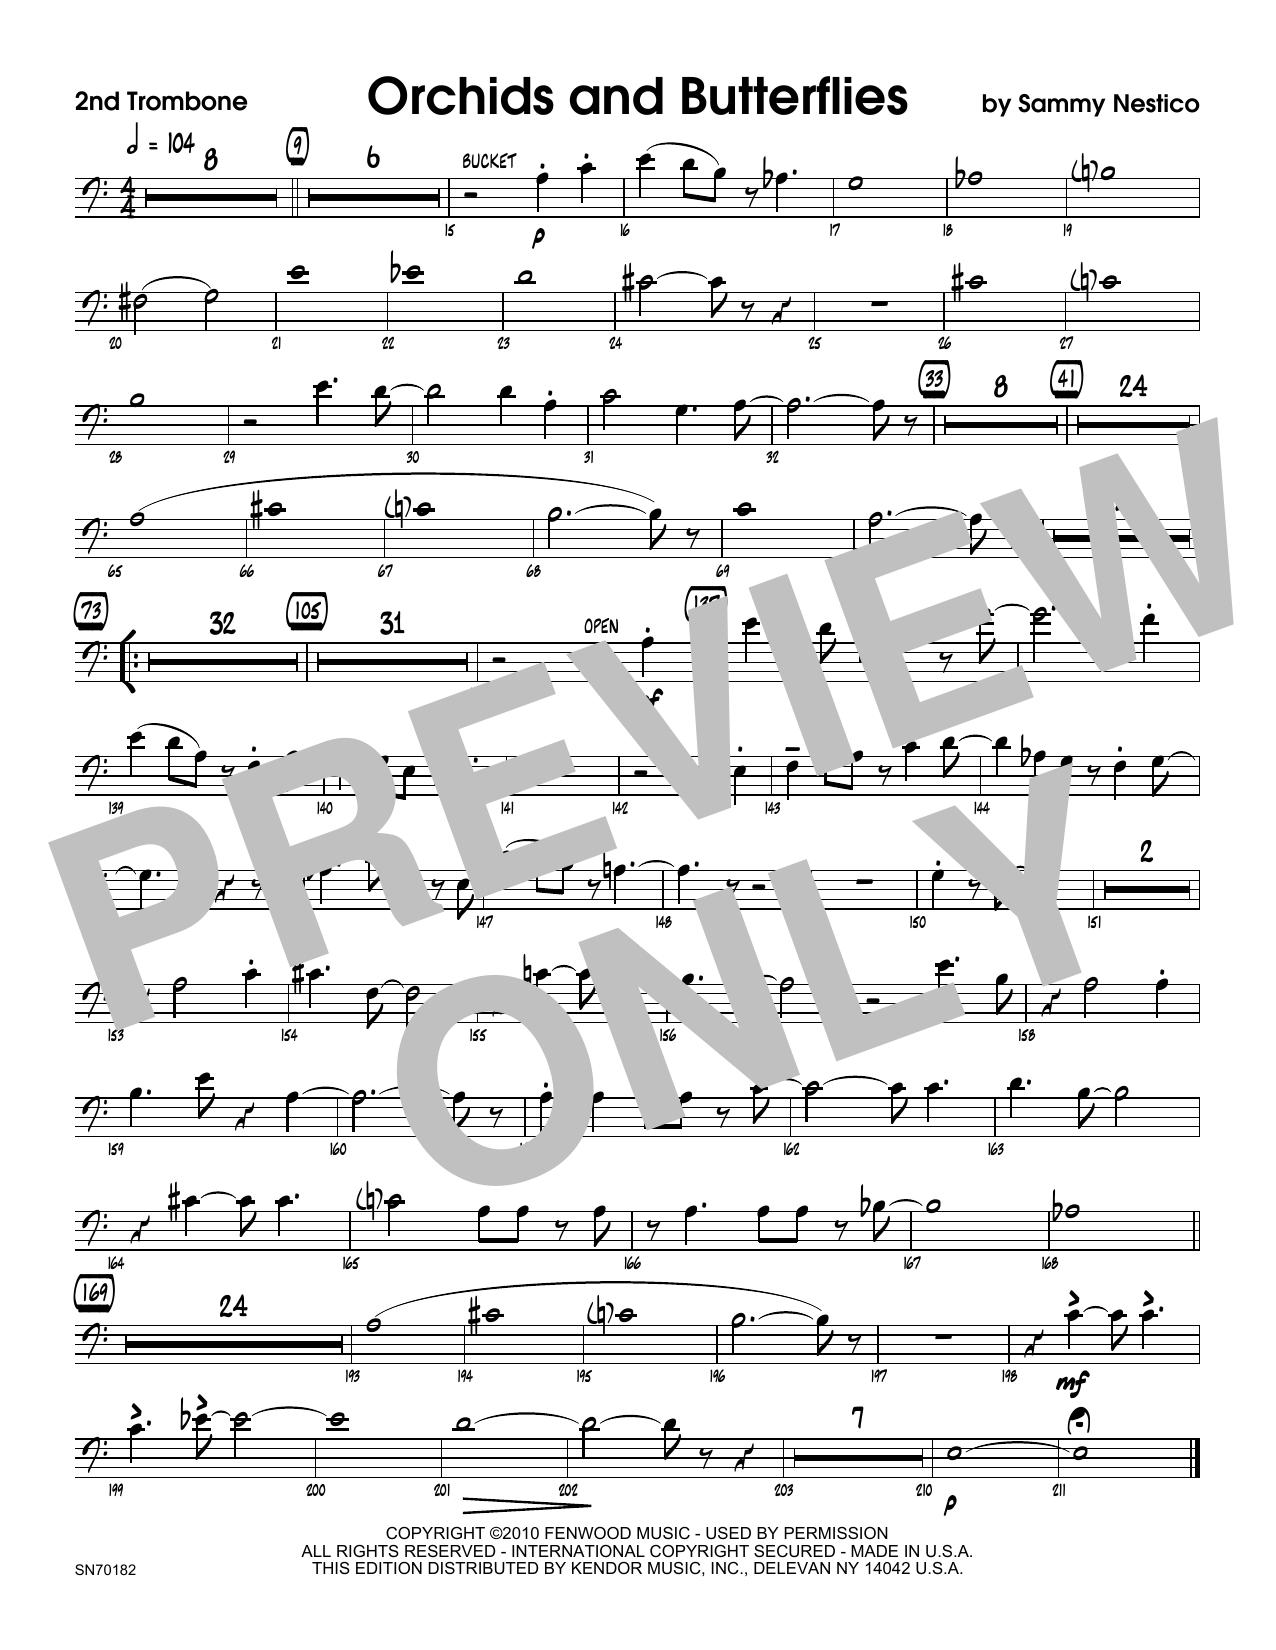 Orchids And Butterflies - 2nd Trombone Sheet Music